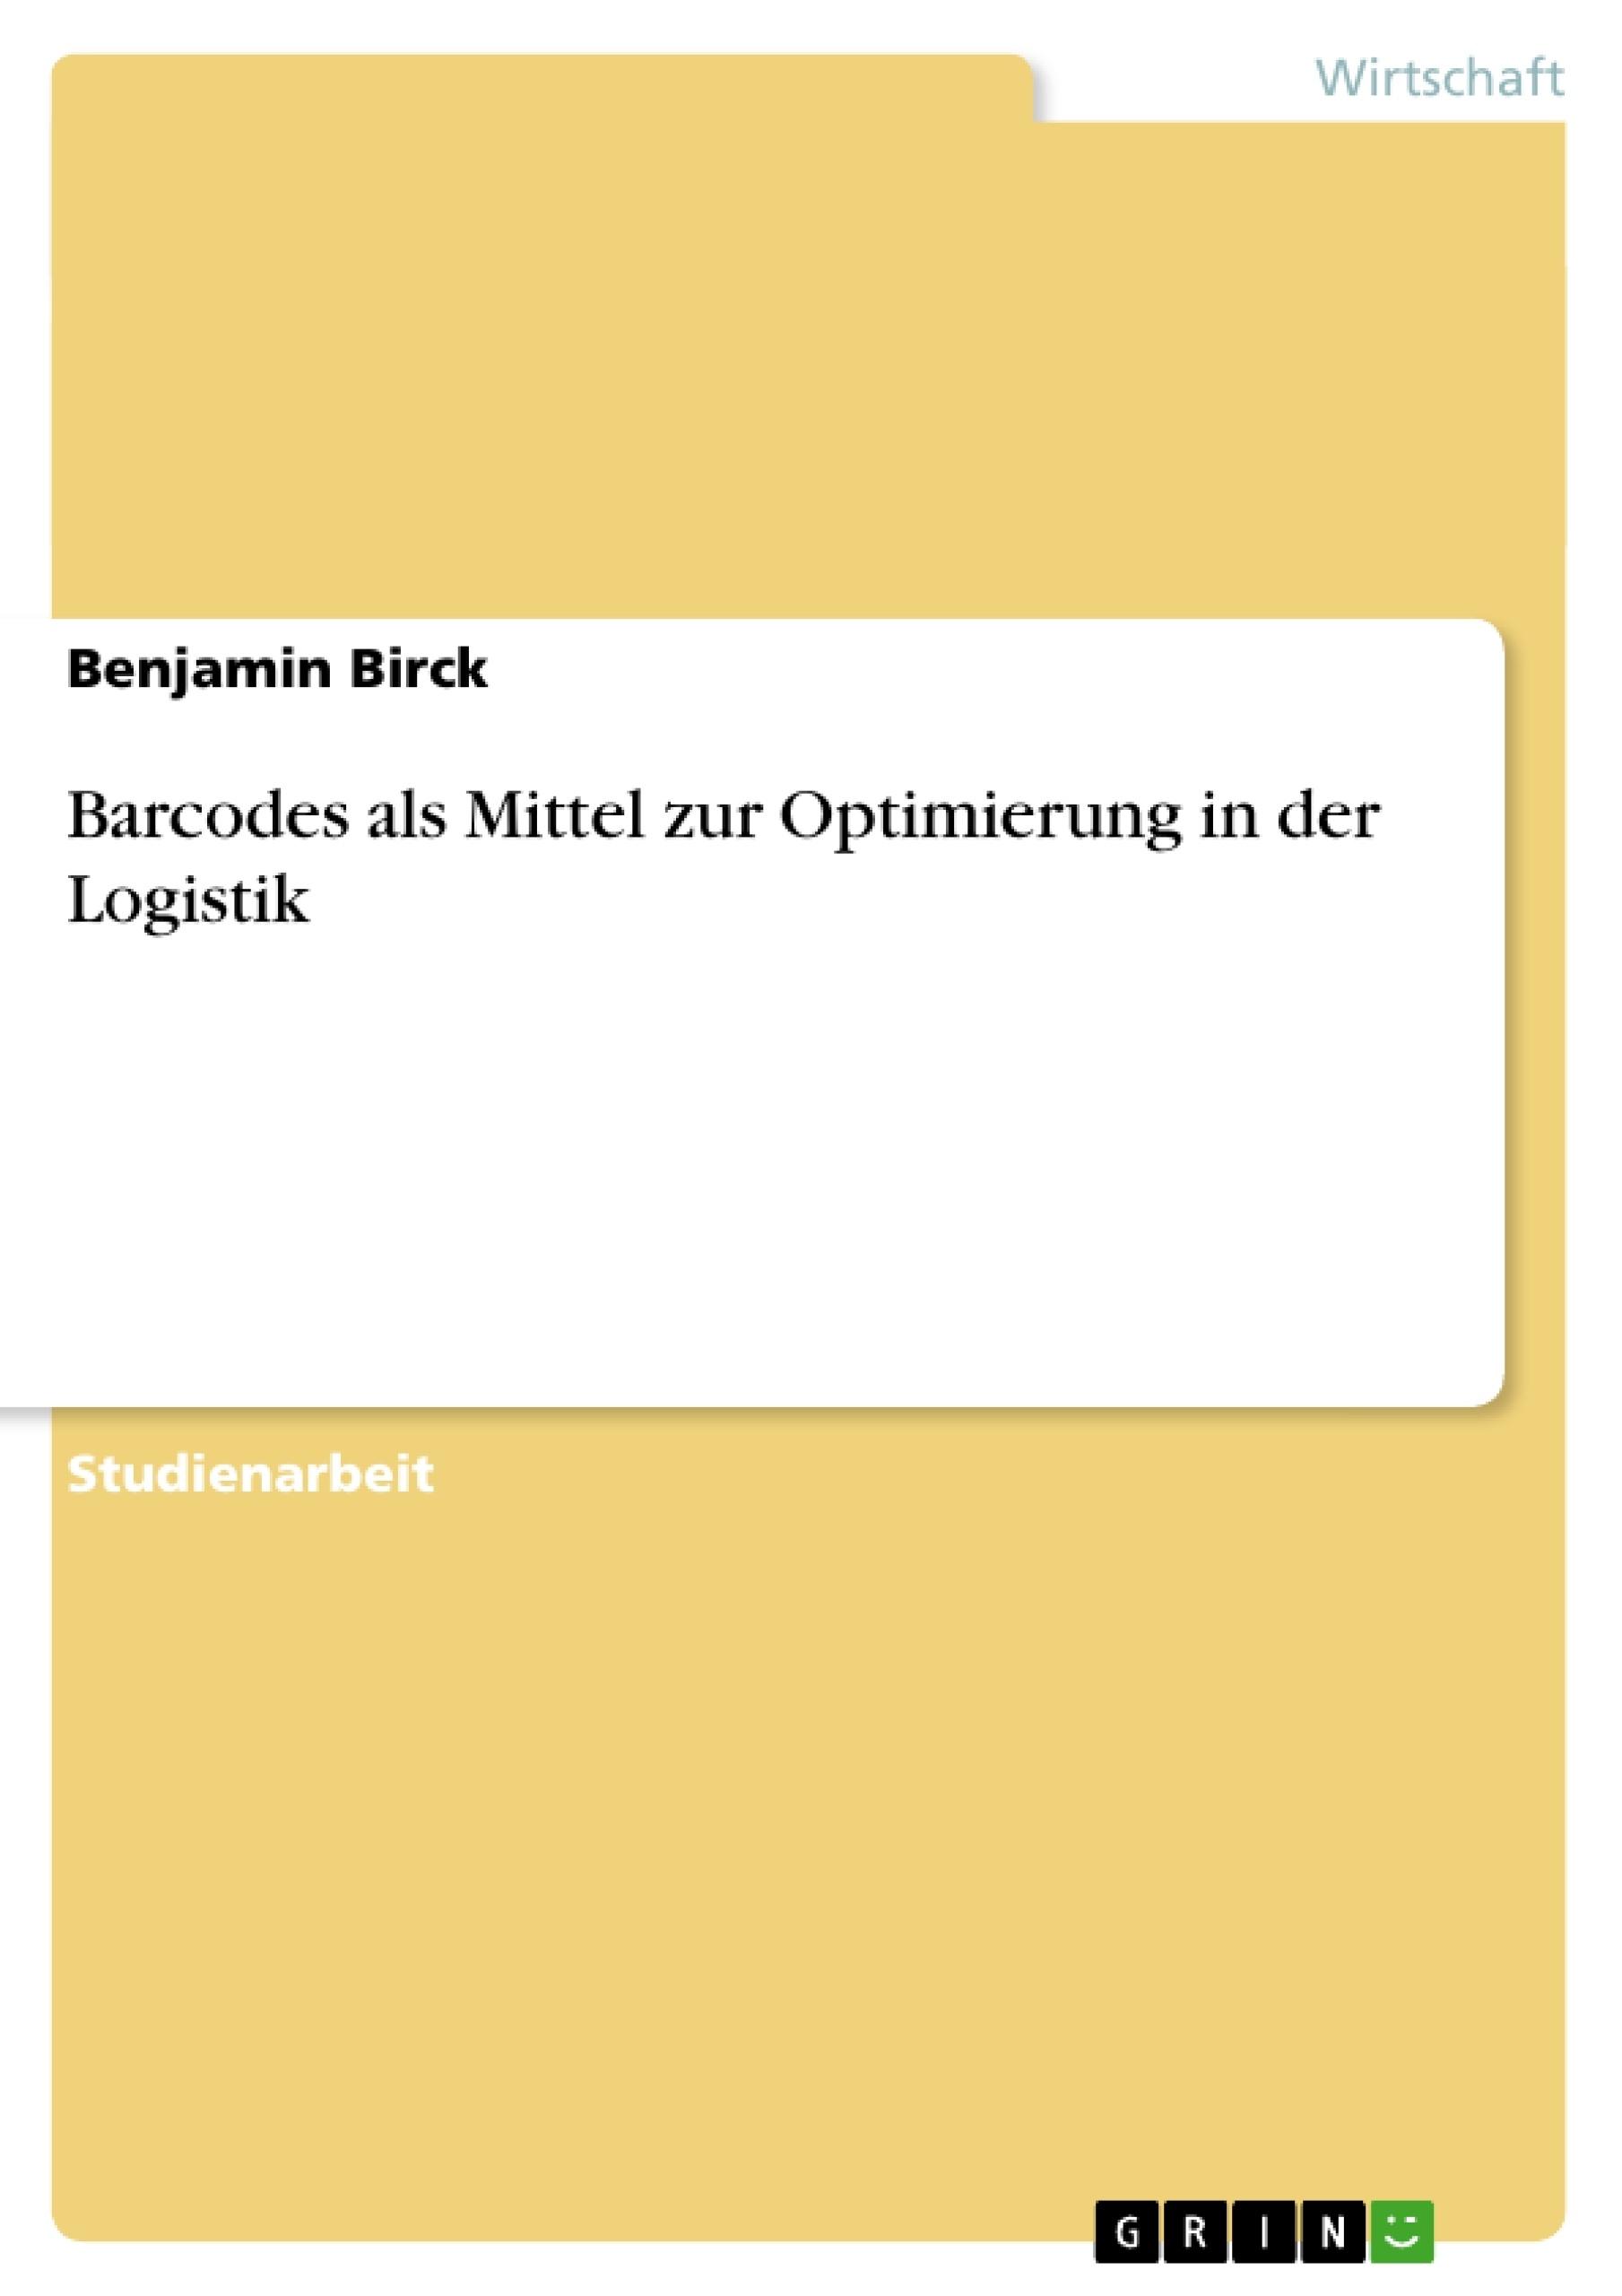 Titel: Barcodes als Mittel zur Optimierung in der Logistik